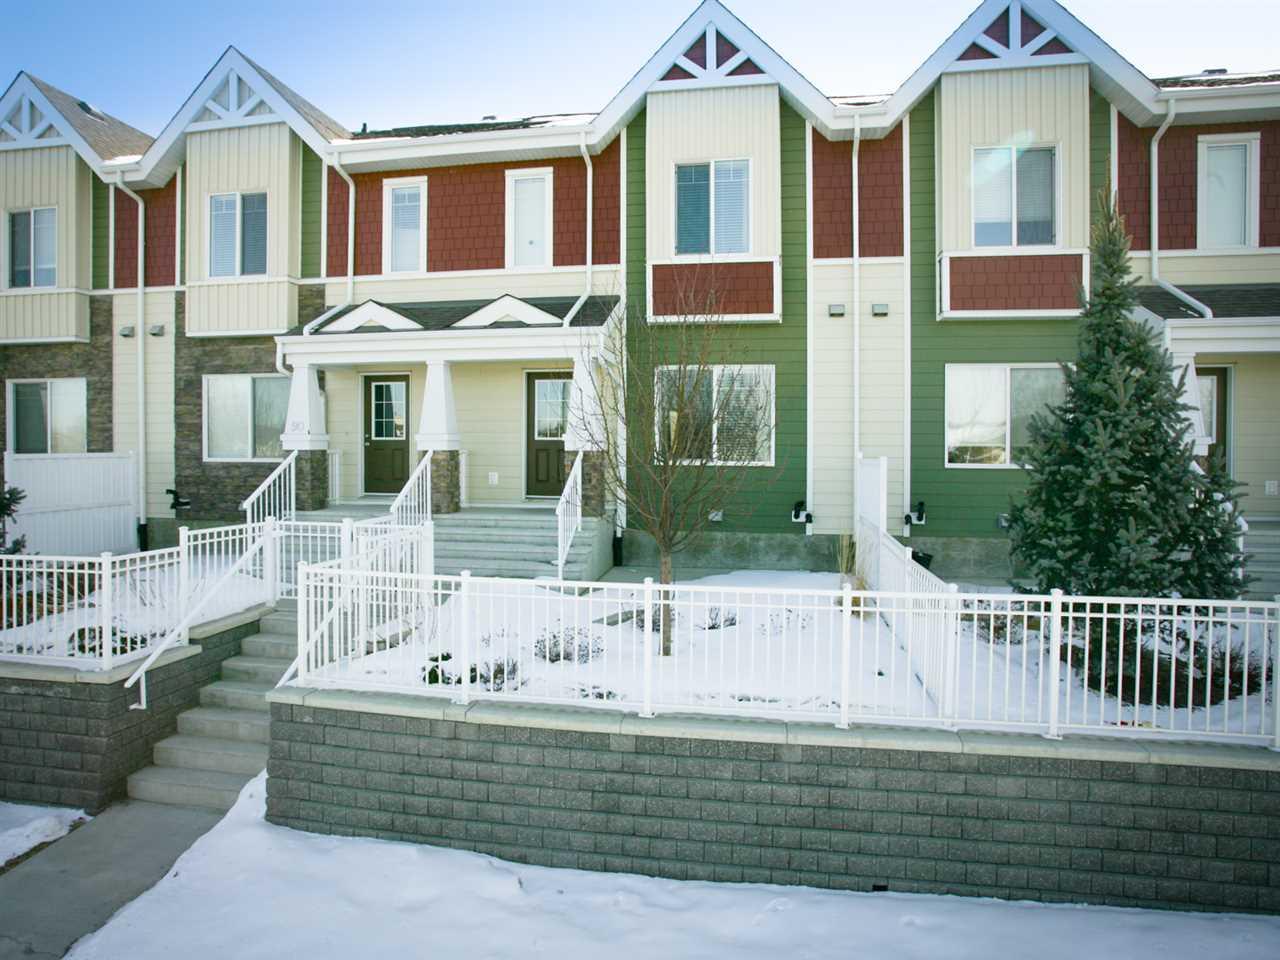 89 2003 RABBIT HILL Road, 3 bed, 2.1 bath, at $369,900